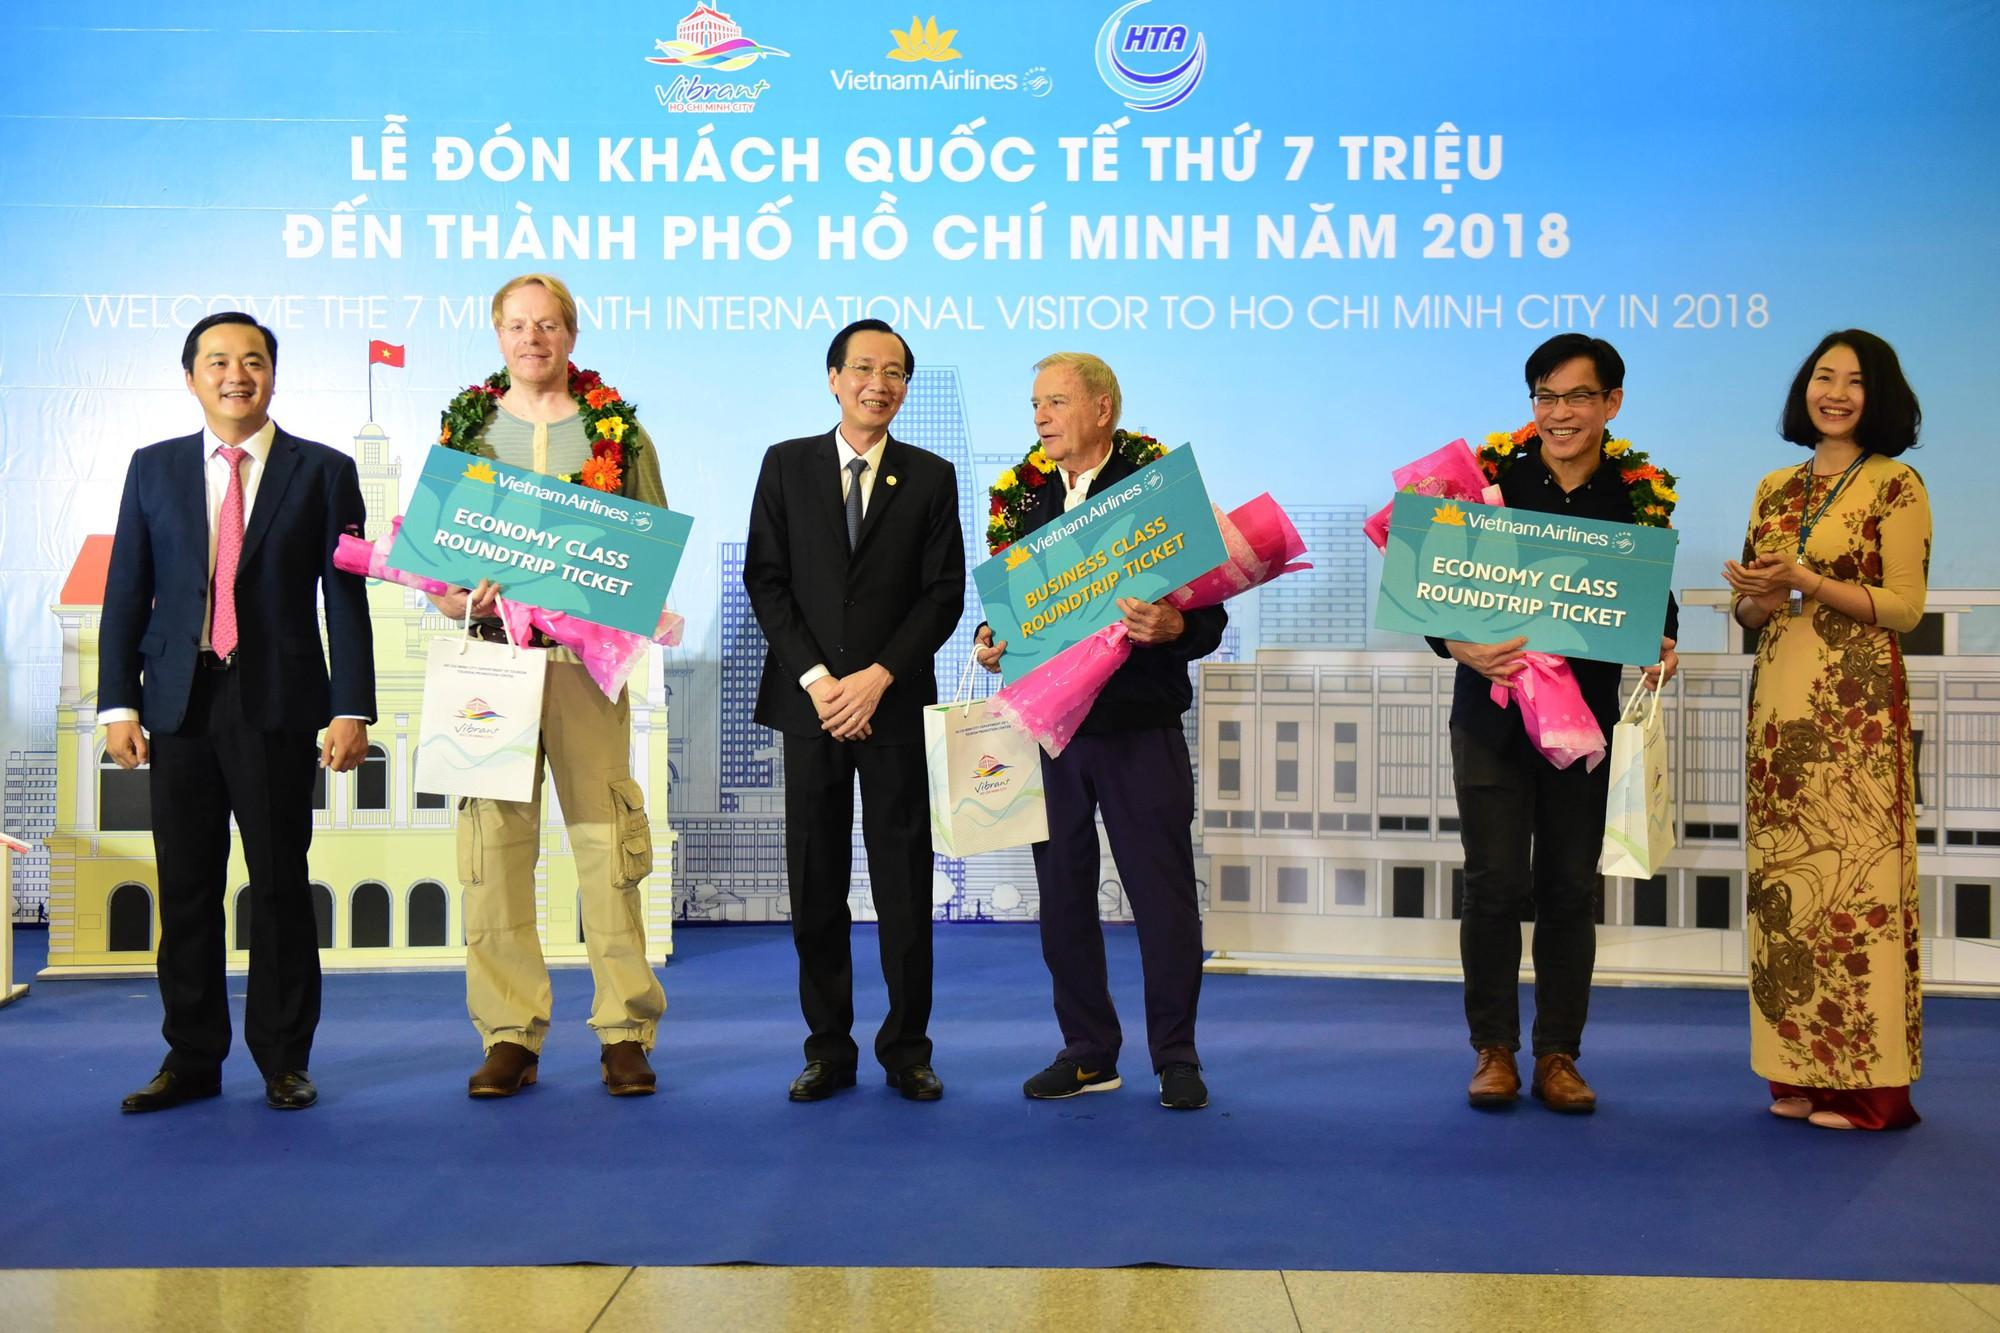 胡志明市迎来2018年第700万名国际游客